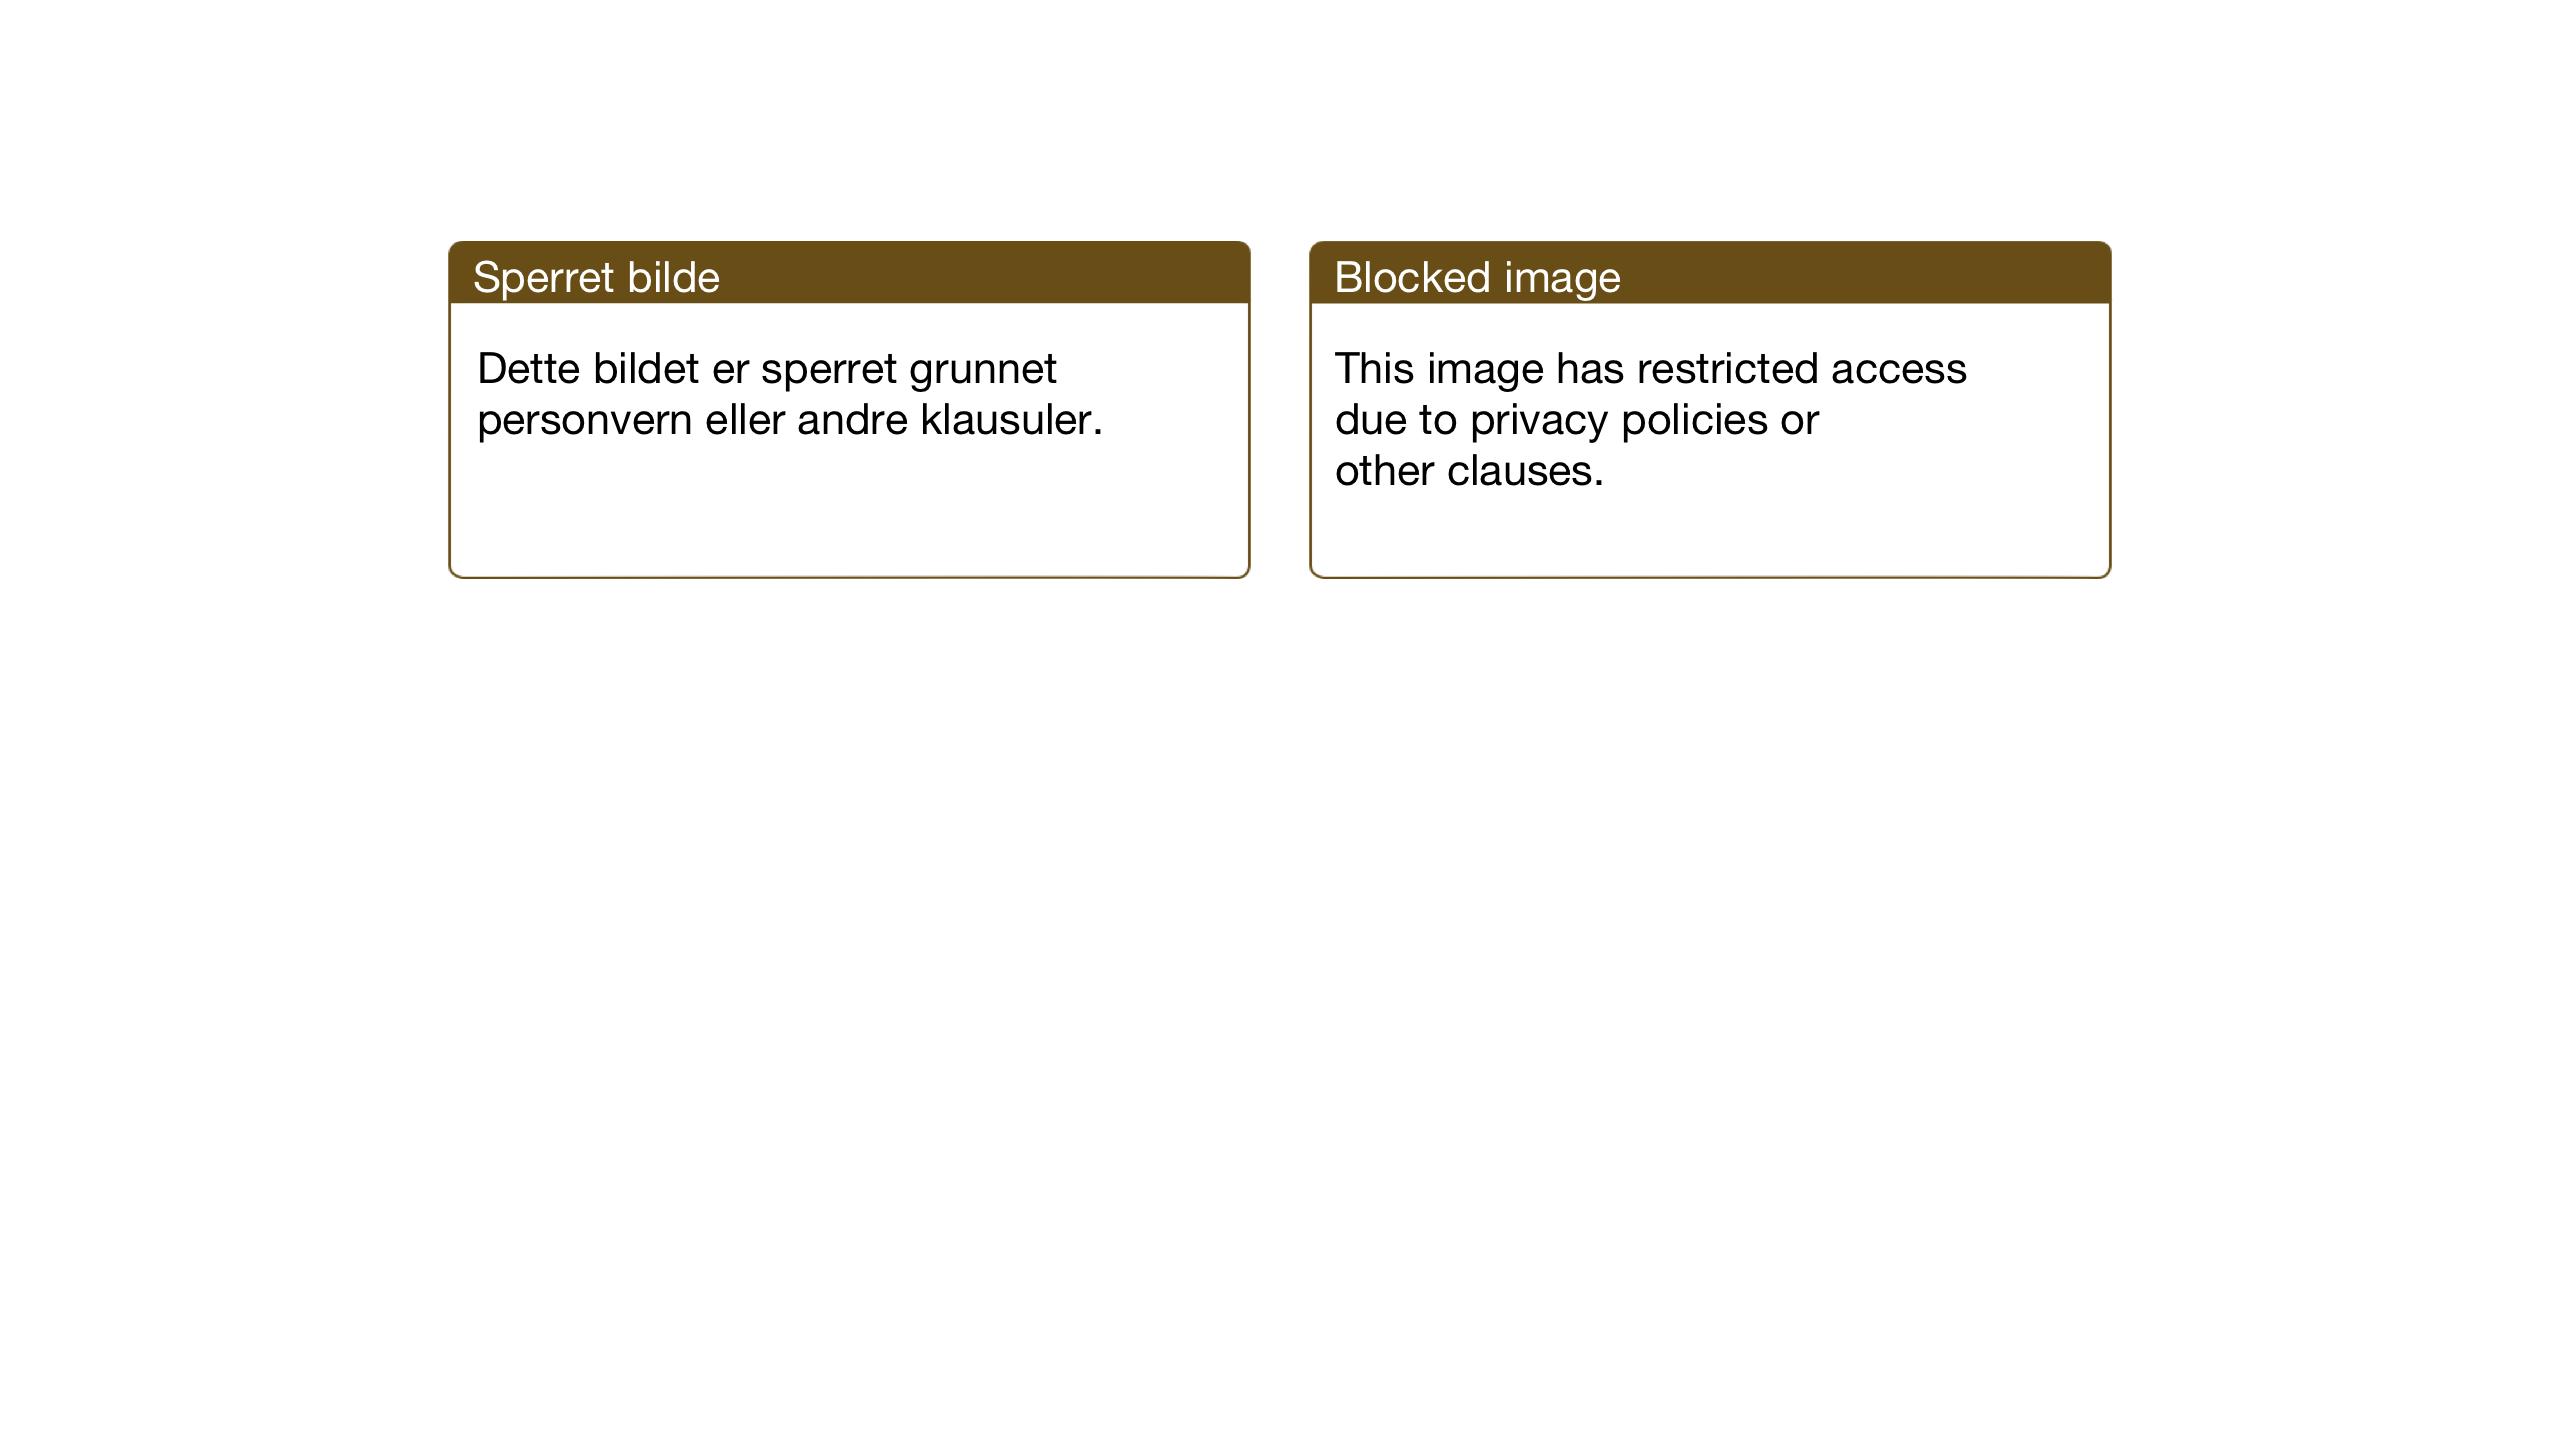 SAT, Ministerialprotokoller, klokkerbøker og fødselsregistre - Sør-Trøndelag, 693/L1124: Klokkerbok nr. 693C05, 1911-1941, s. 64